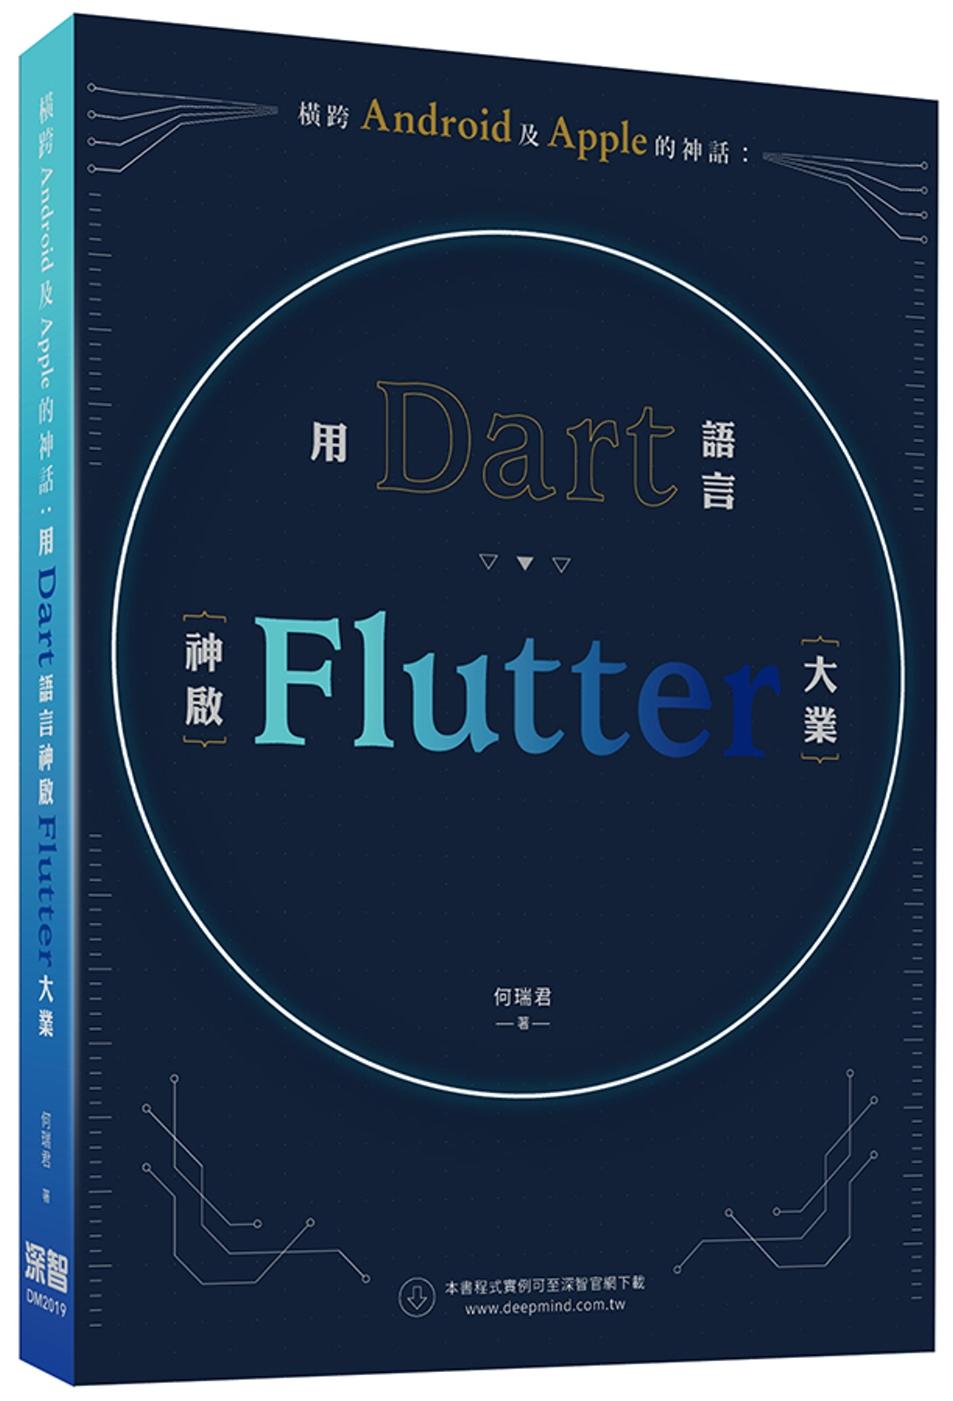 橫跨Android及Apple的神話:用Dart語言神啟Flutter大業